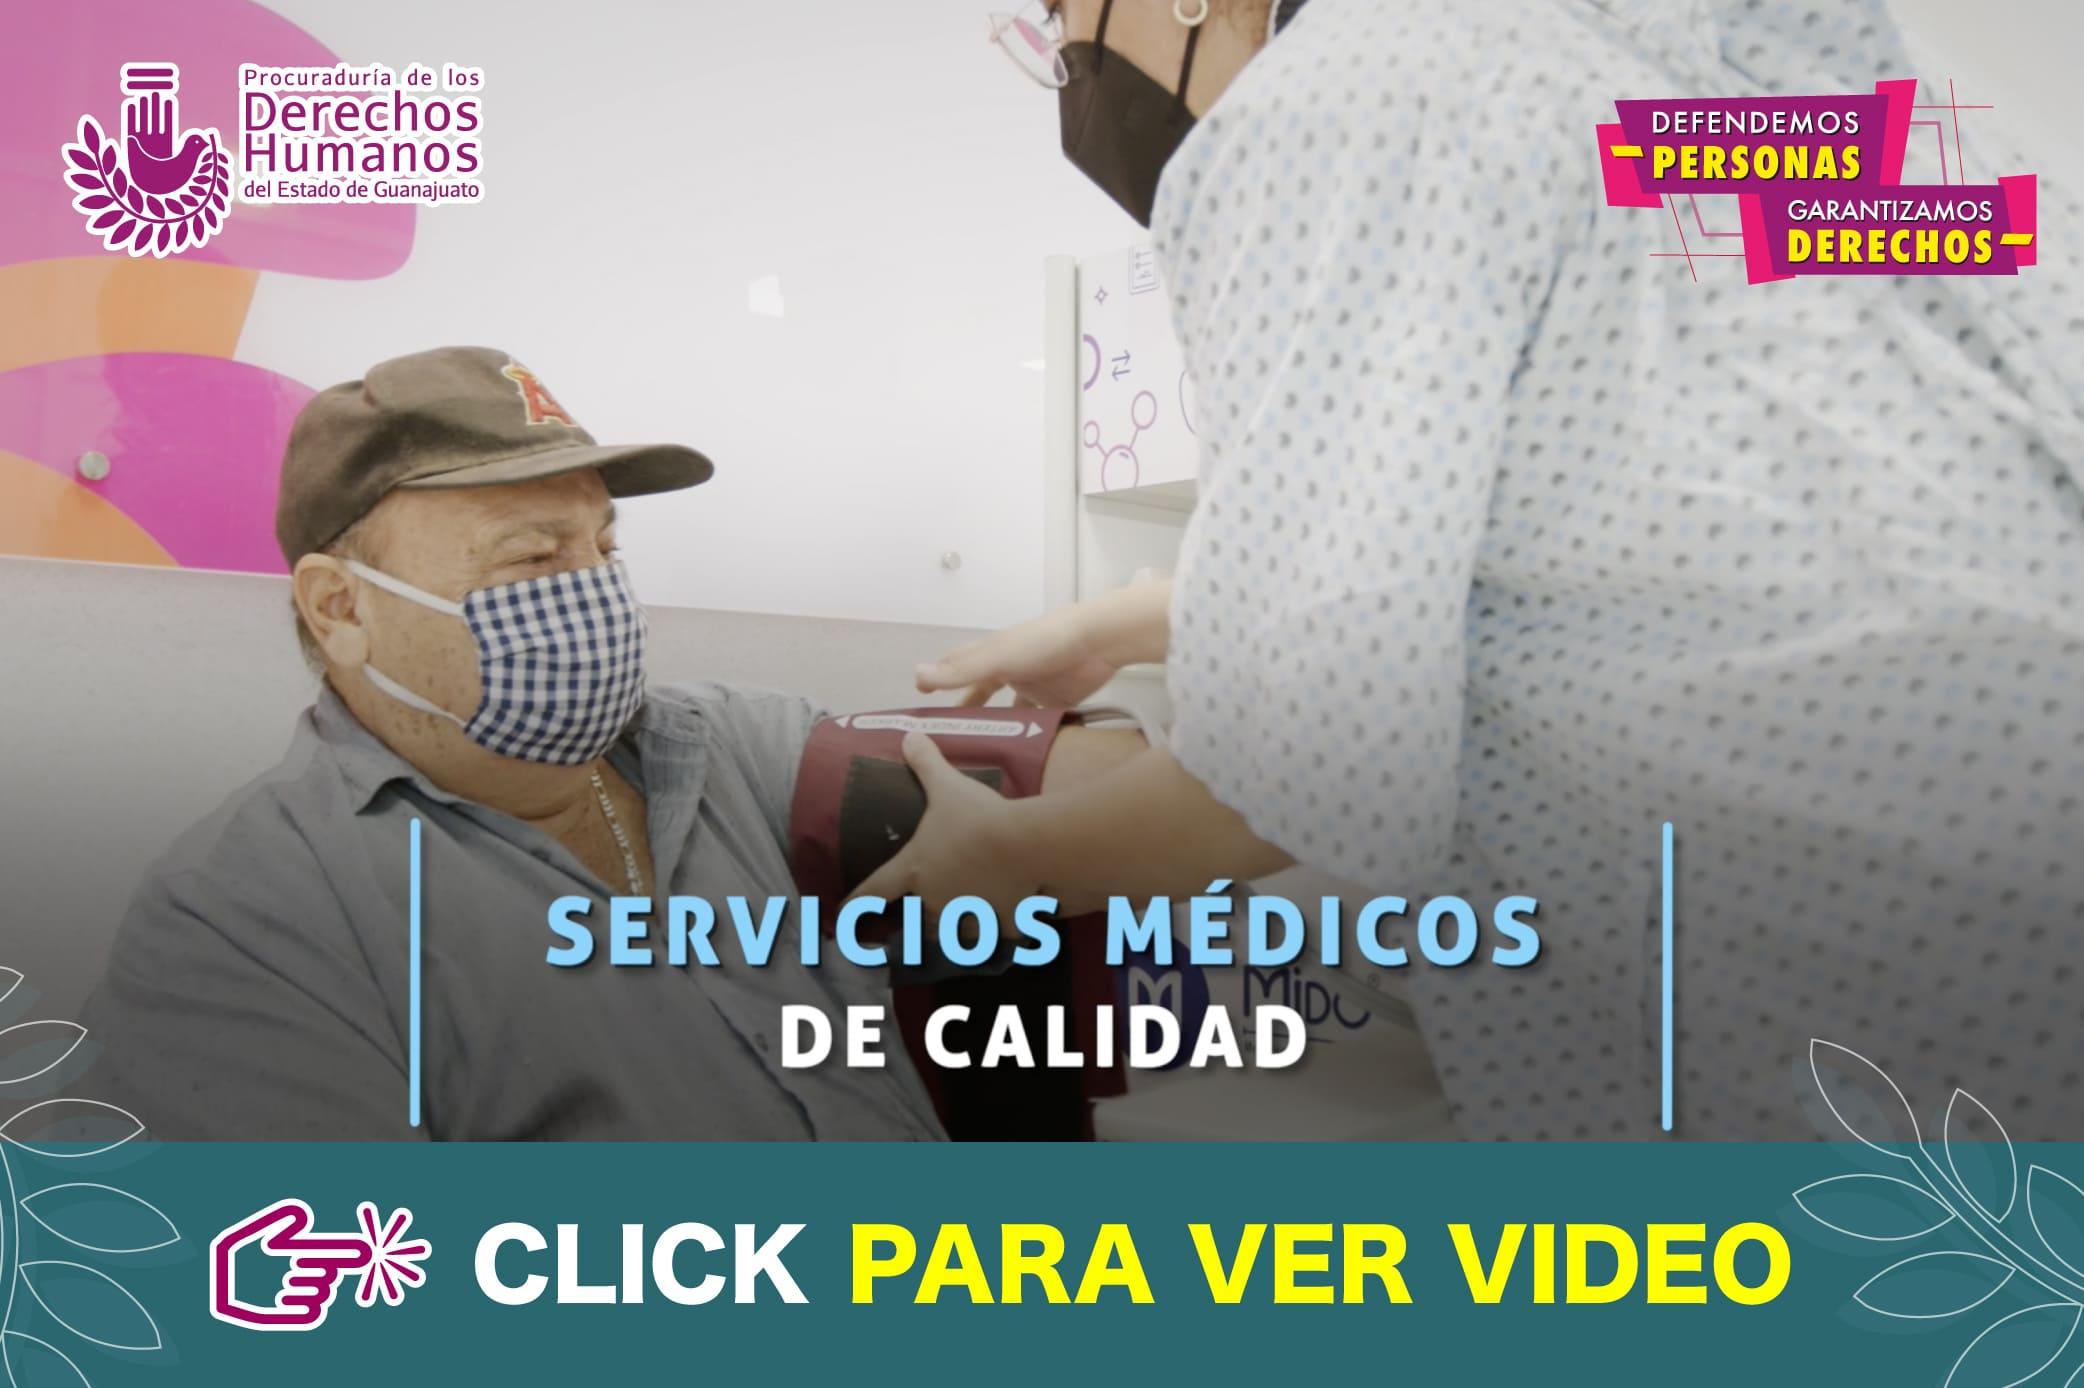 Servicios Médicos de Calidad